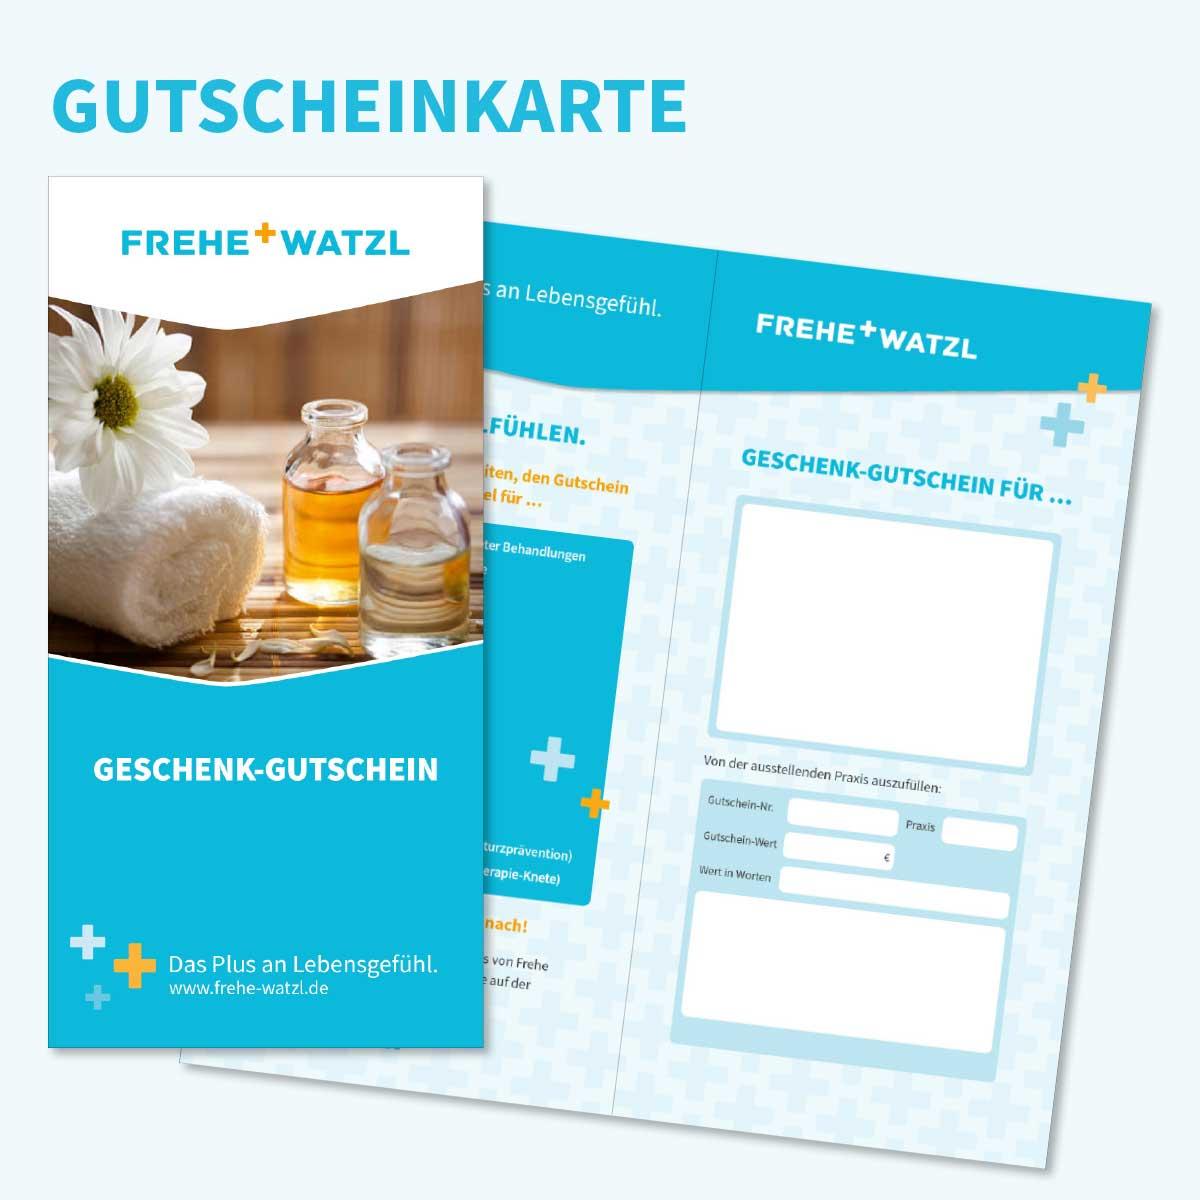 Gutscheinkarte von Frehe + Watzl an allen Standorten kaufen